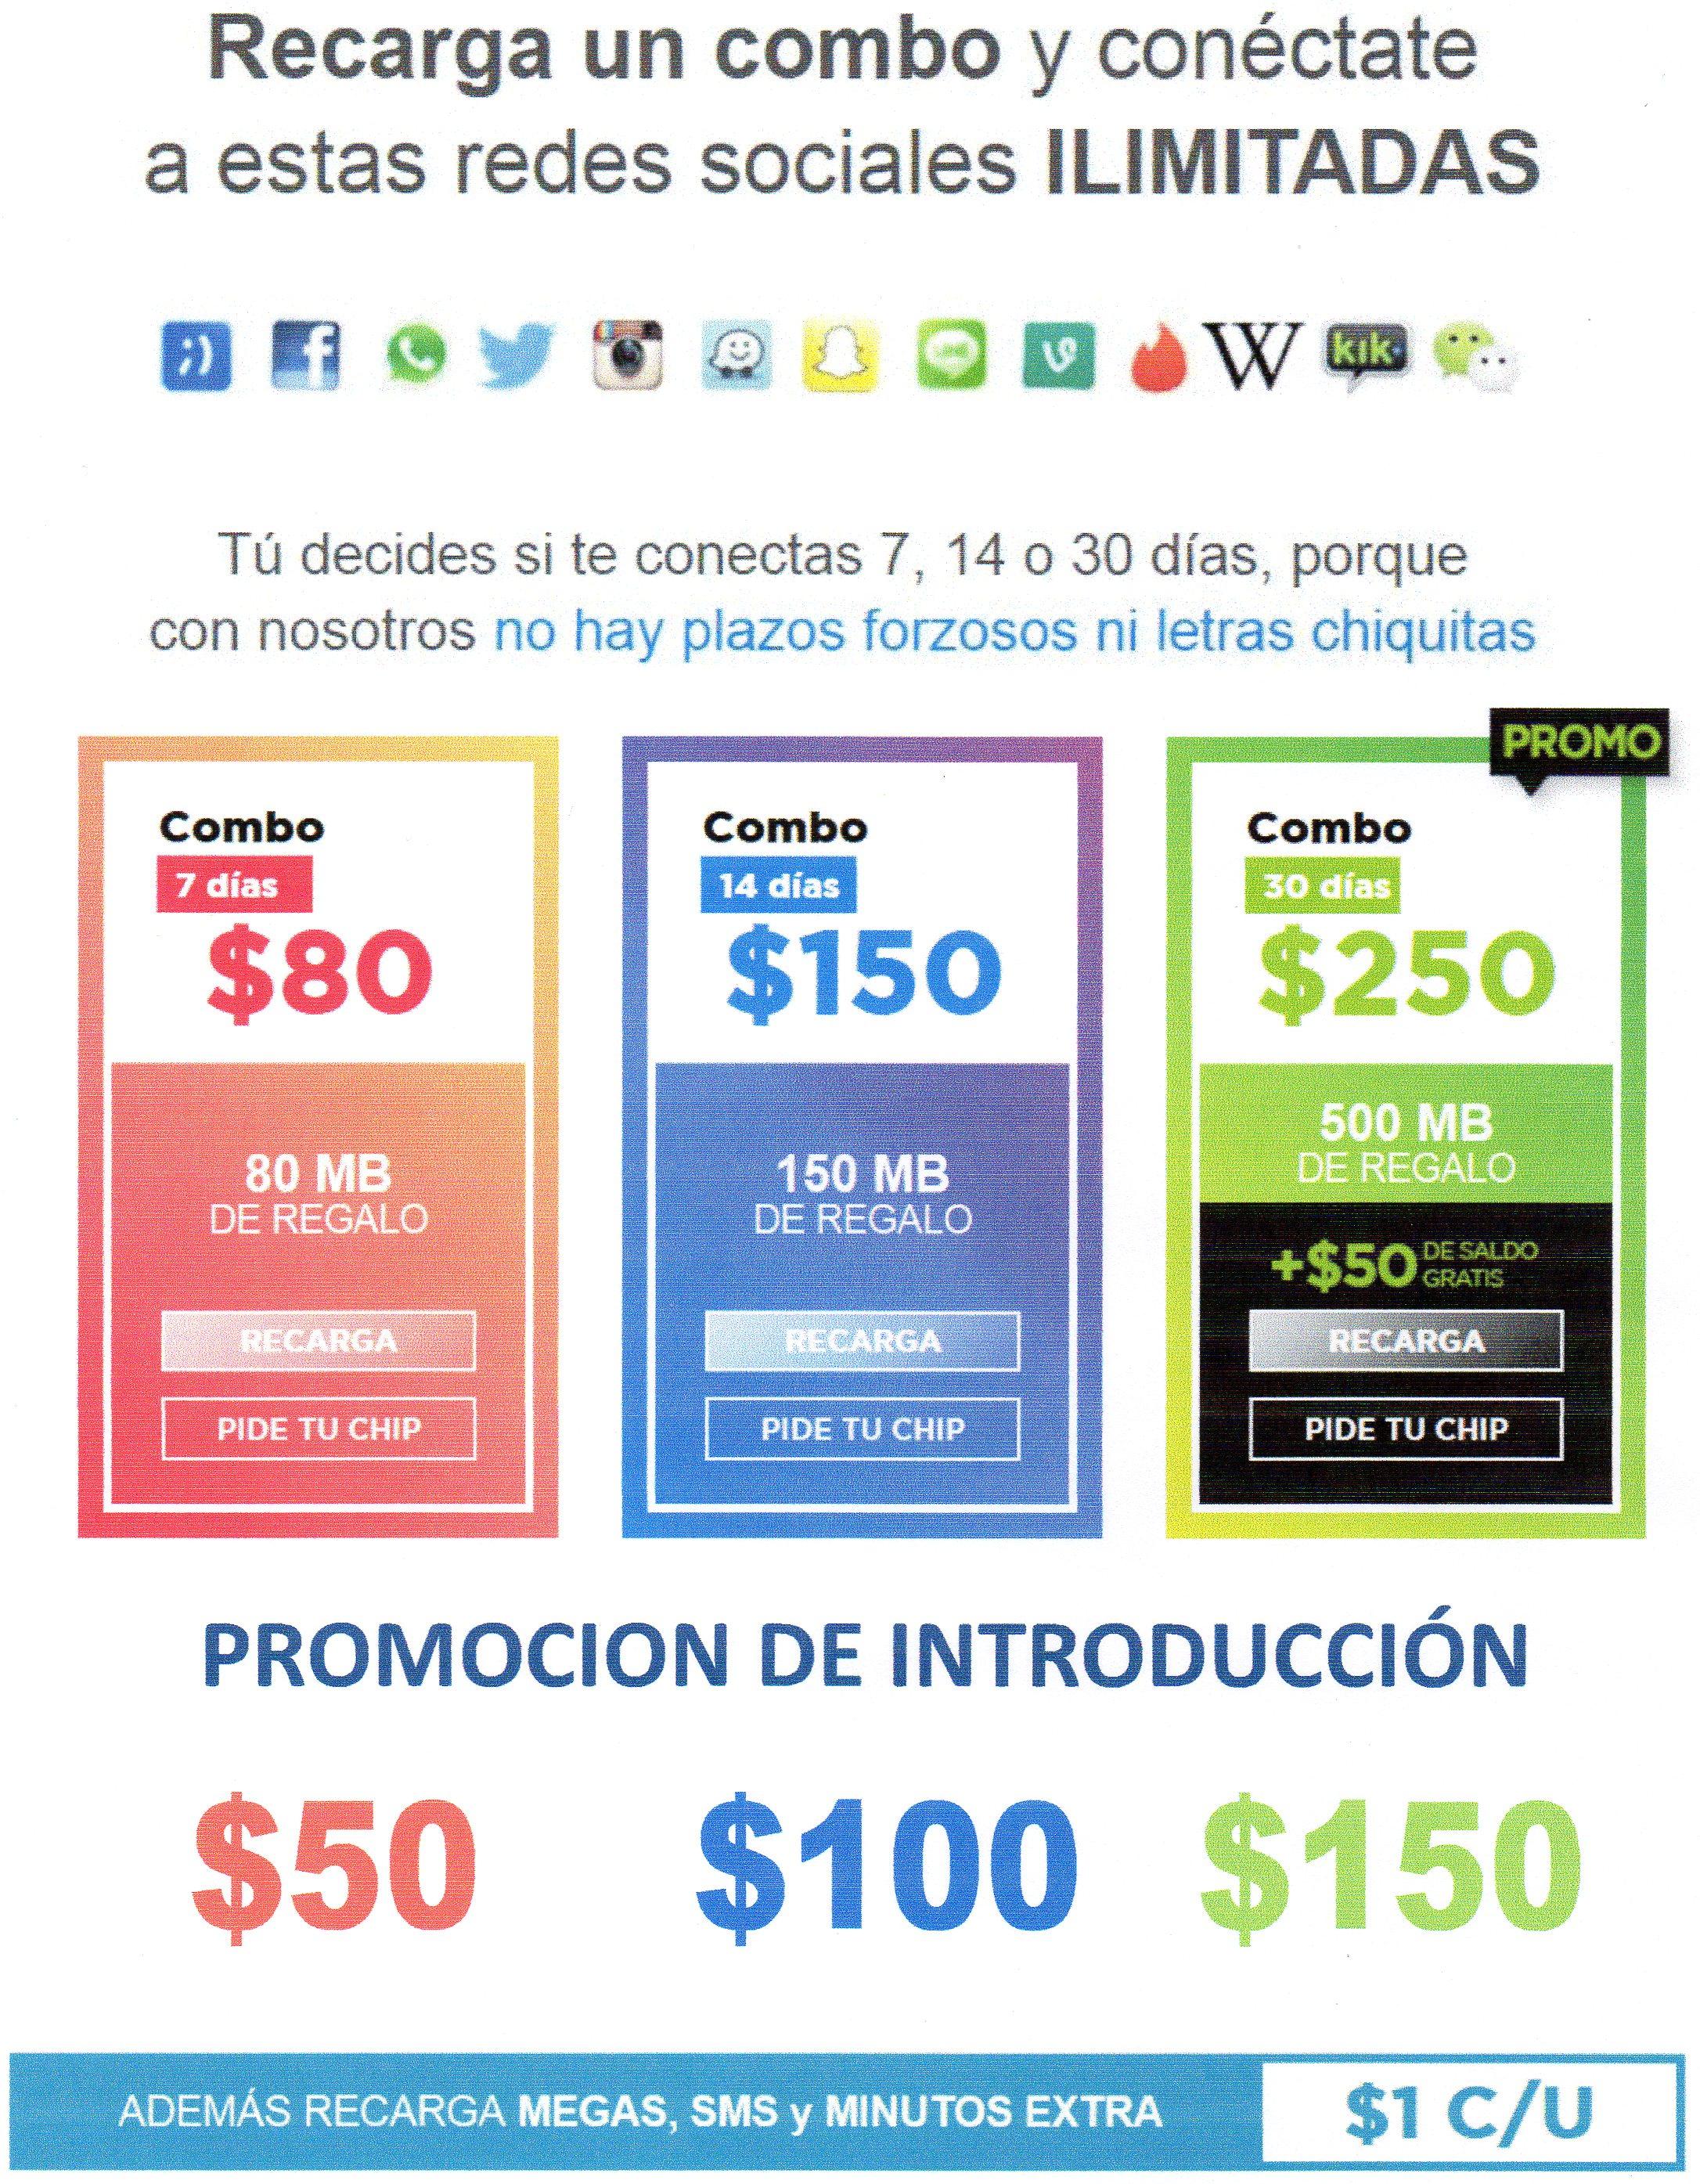 Tuenti: Promoción de Introduccion $150 un mes de Redes Sociales Ilimitadas